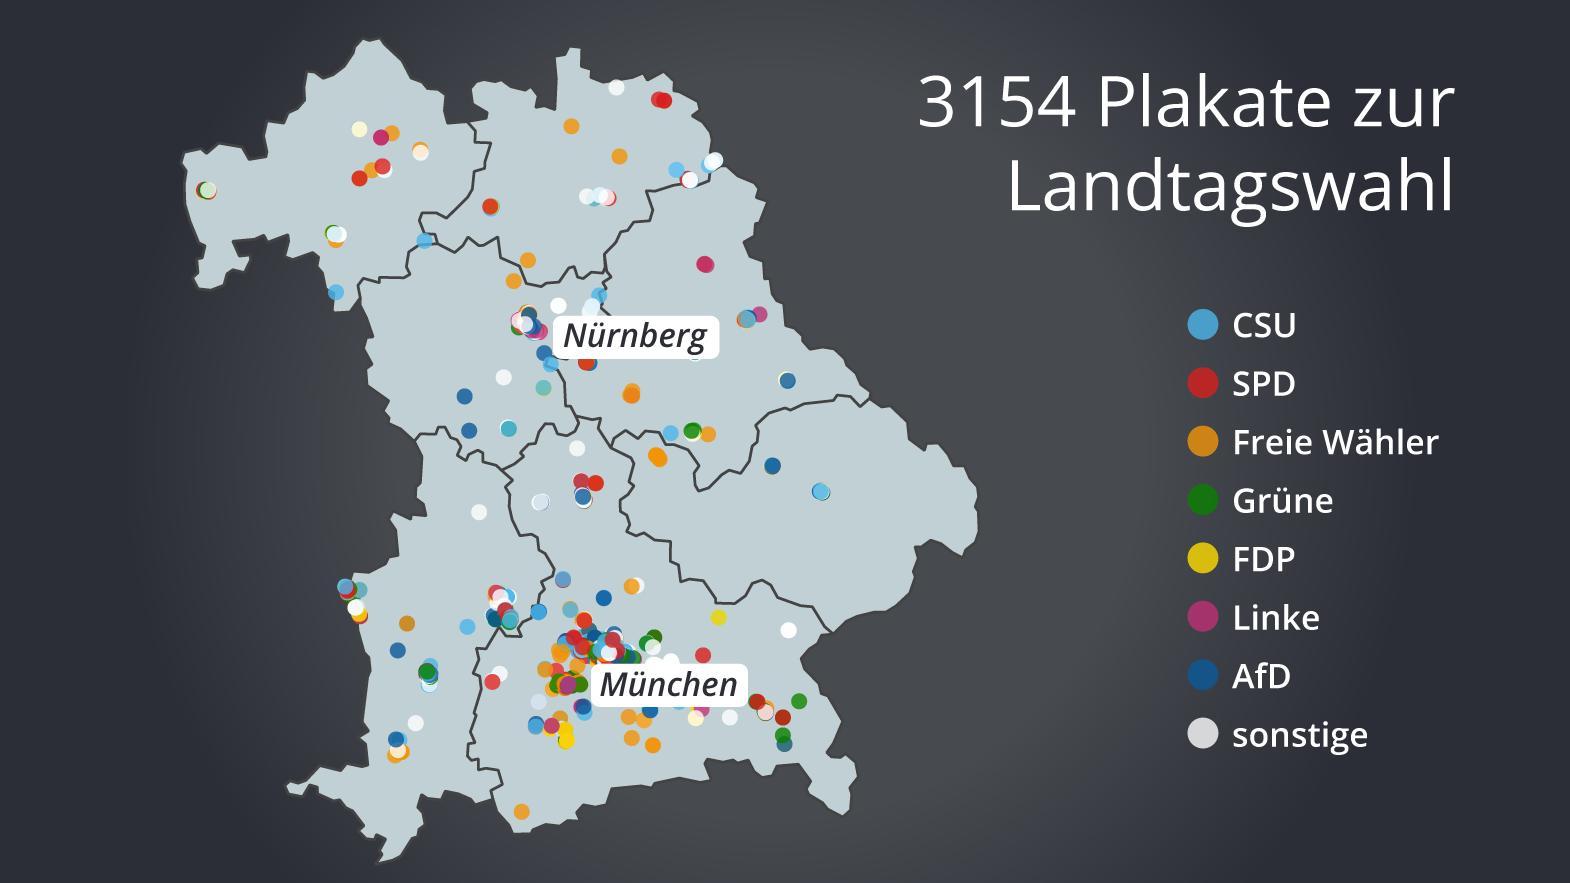 Die Standorte der analysierten Plakate in ganz Bayern.